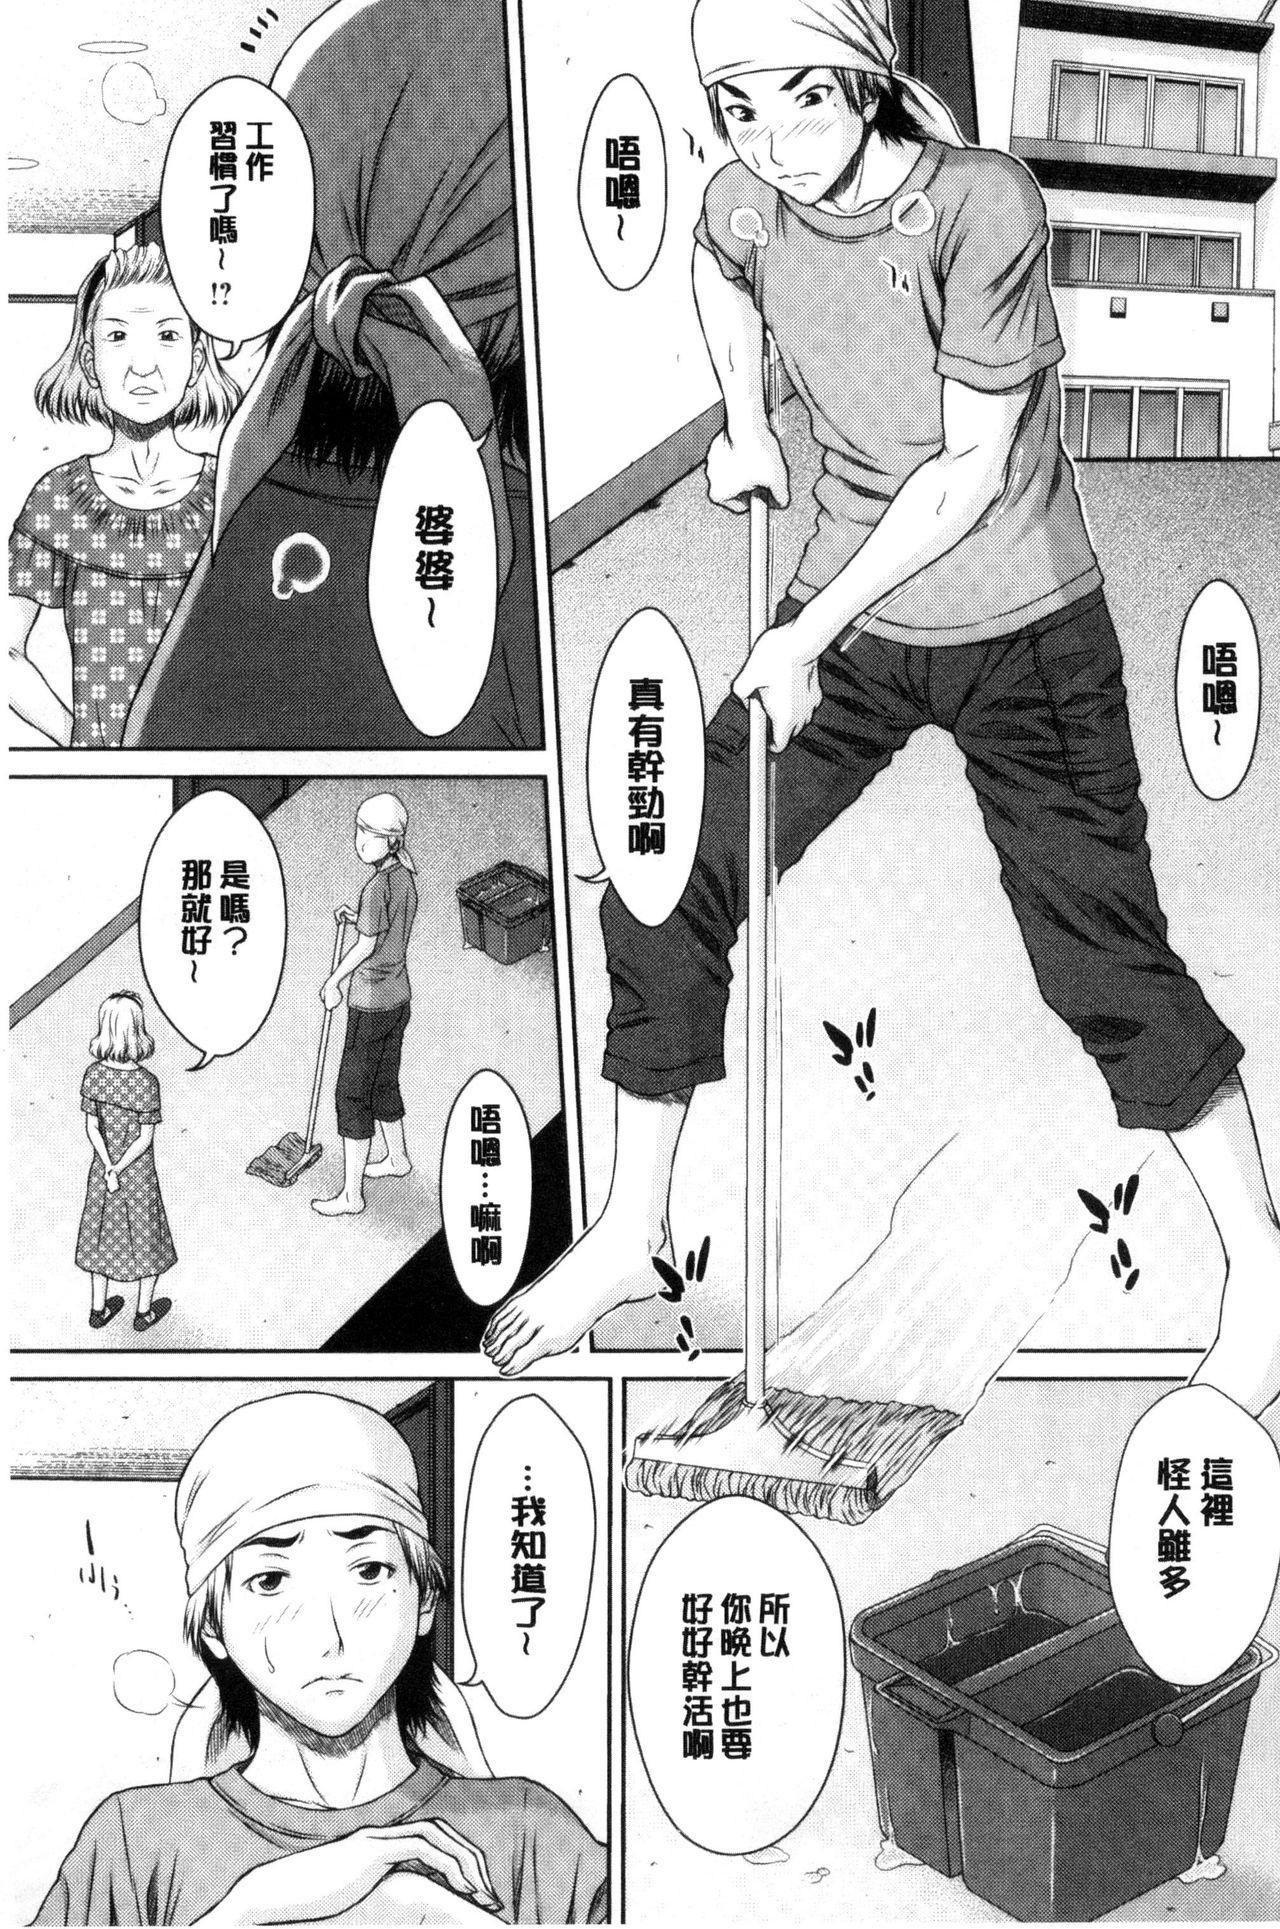 Mesukano Inbina Mesu Kanojotachi To No Hibi 159